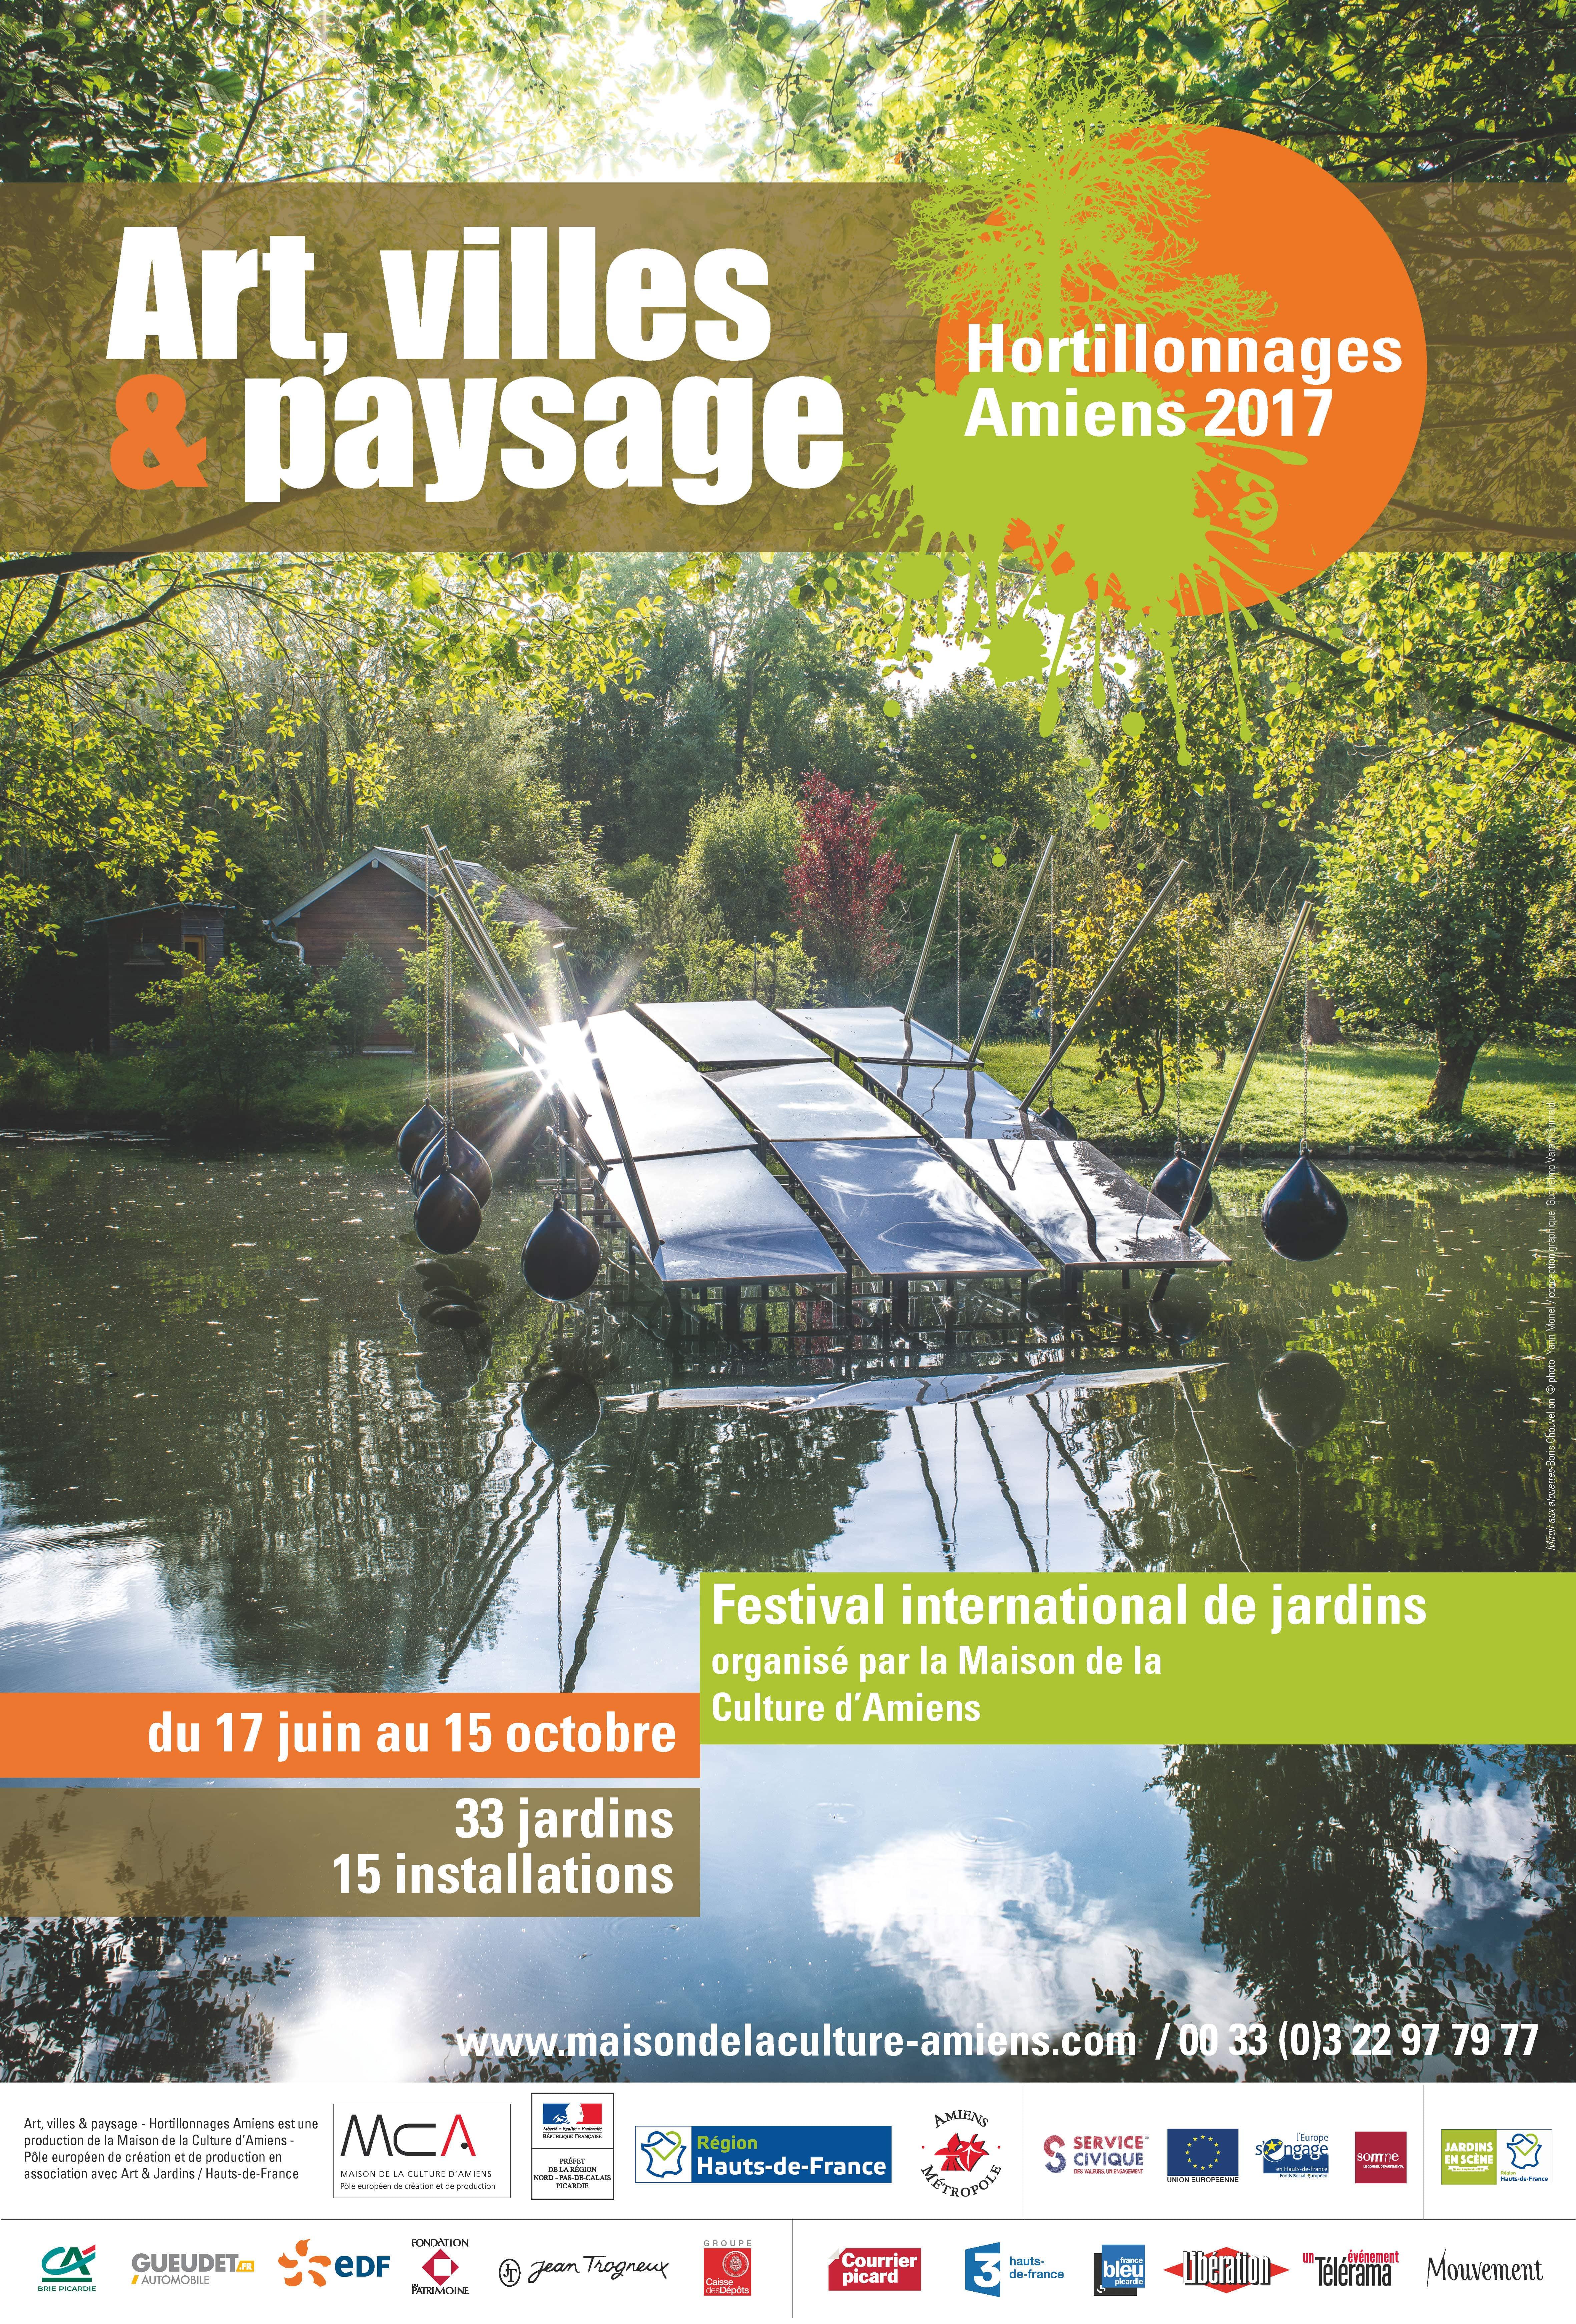 Villes Et Paysages art, villes et paysage - du 17 juin au 15 octobre 2017 - arktik